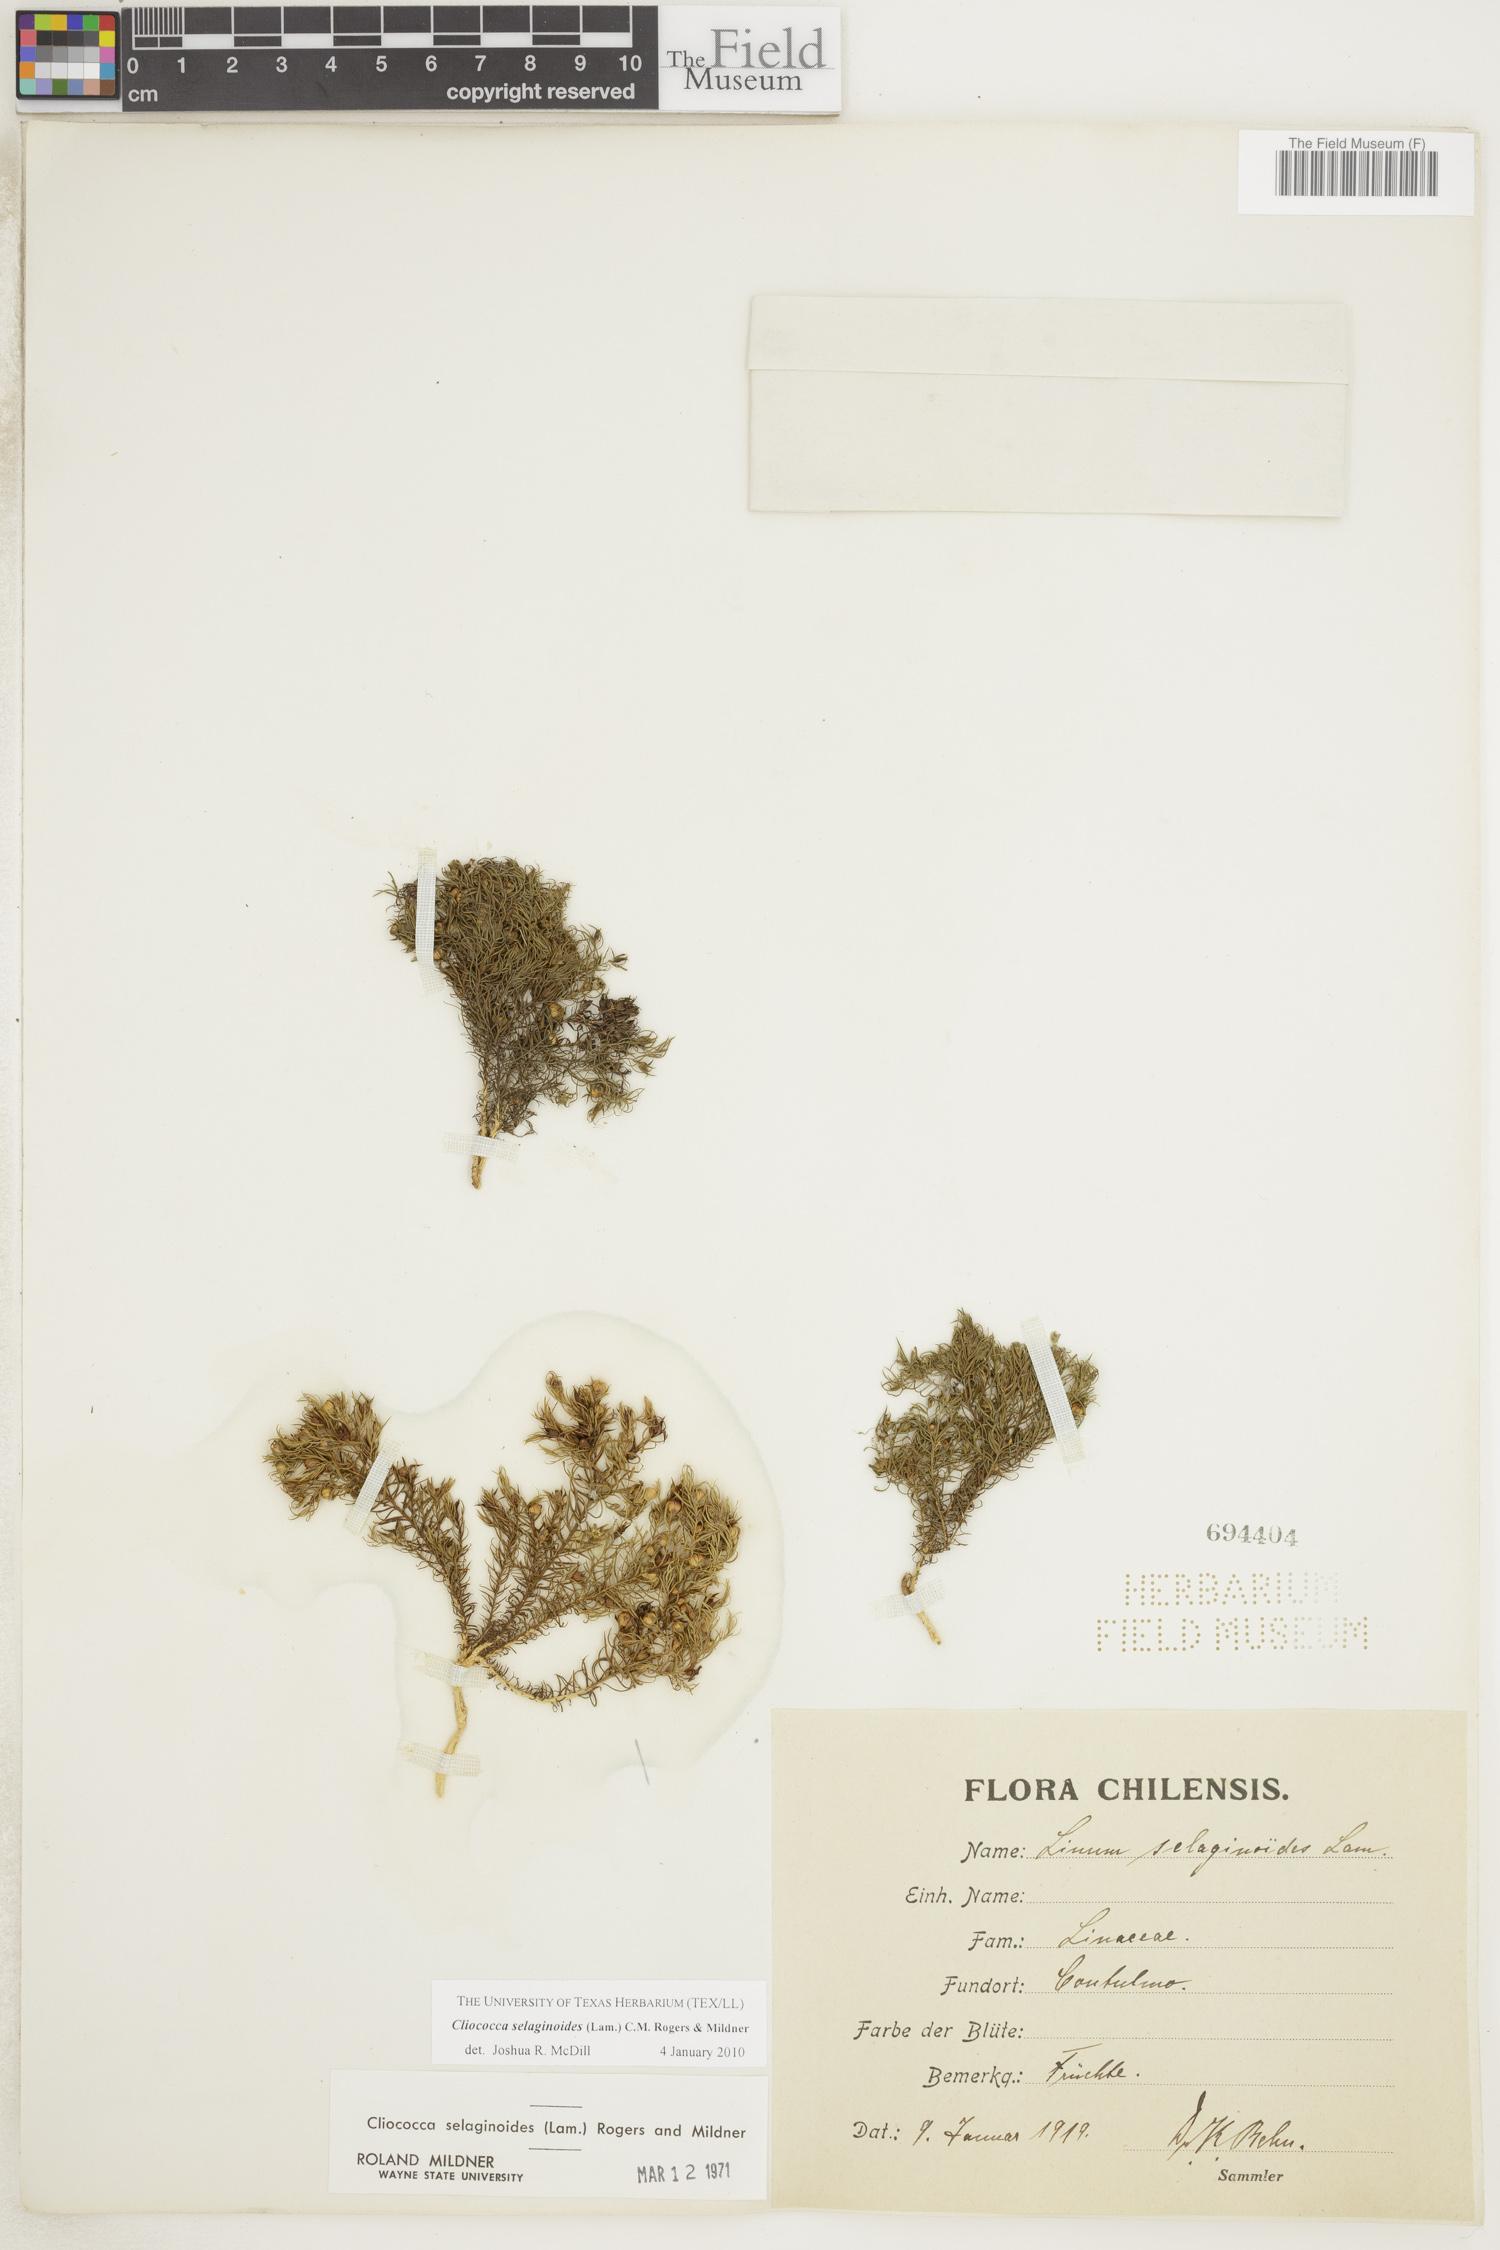 Cliococca image